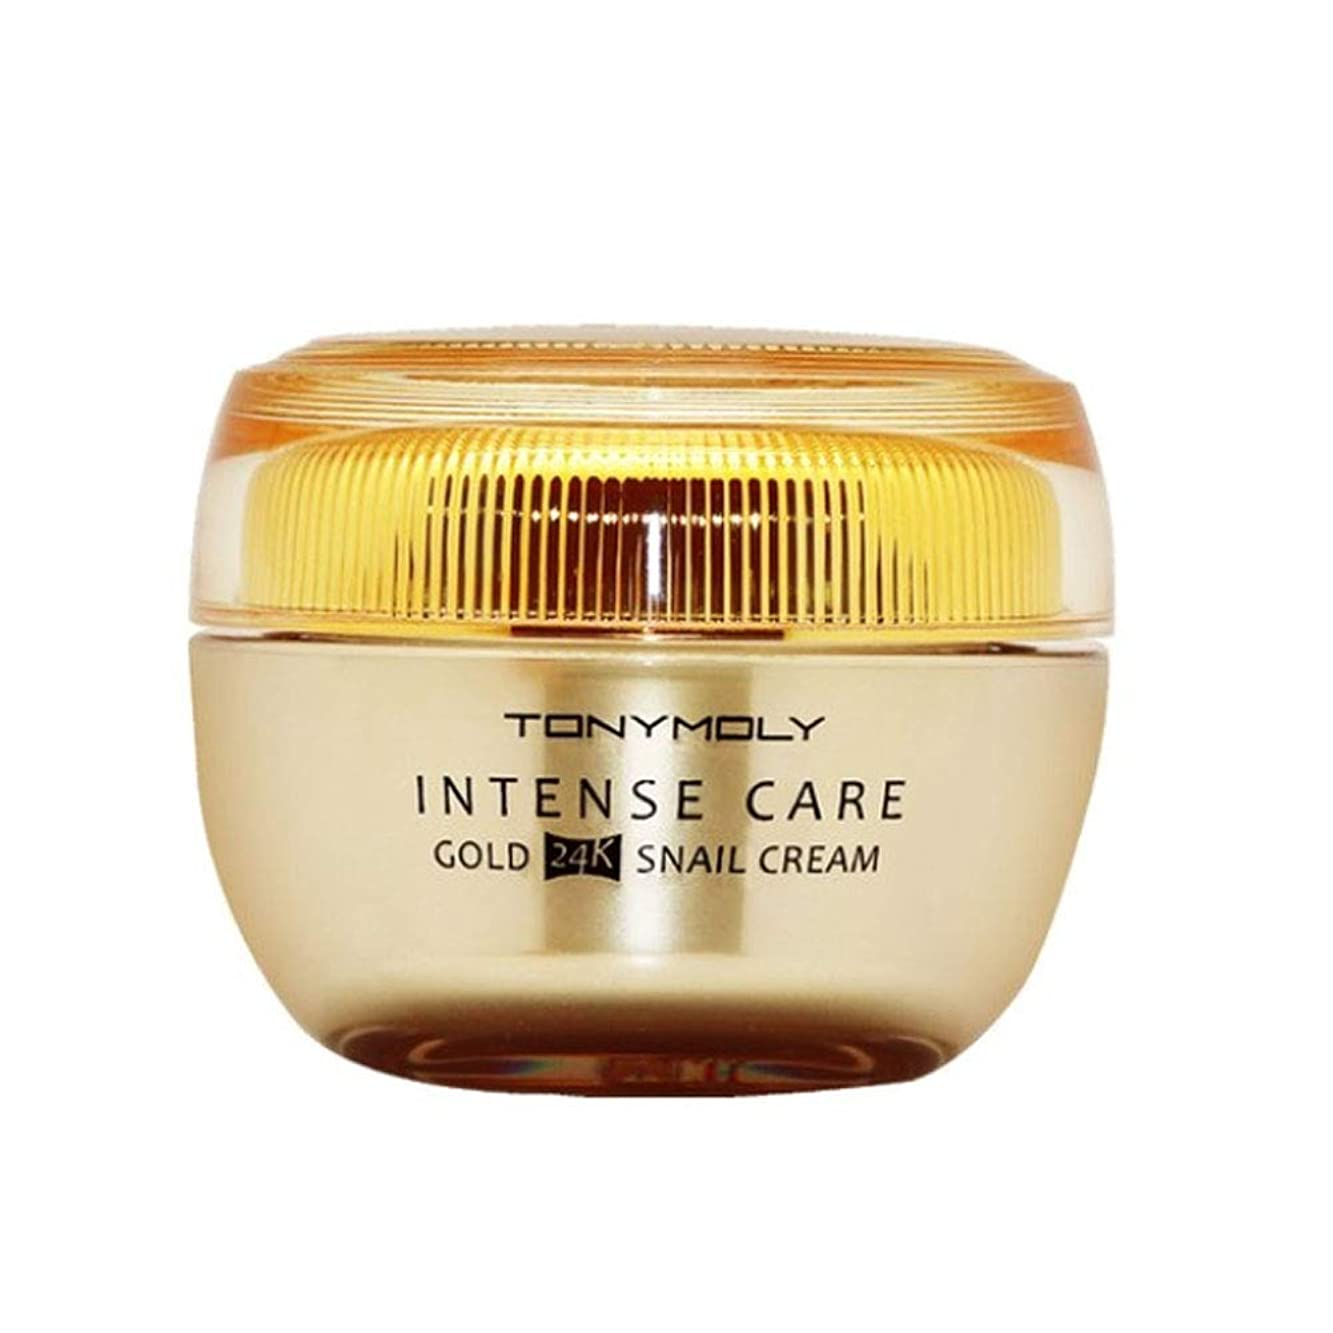 懸念影響を受けやすいです基準トニーモリーインテンスケアゴールド24Kスネールクリーム45ml x 2本セット美白、シワ改善クリーム、Tonymoly Intense Care Gold 24K Snail Cream 45ml x 2ea Set Whitening Wrinkle Care Cream [並行輸入品]